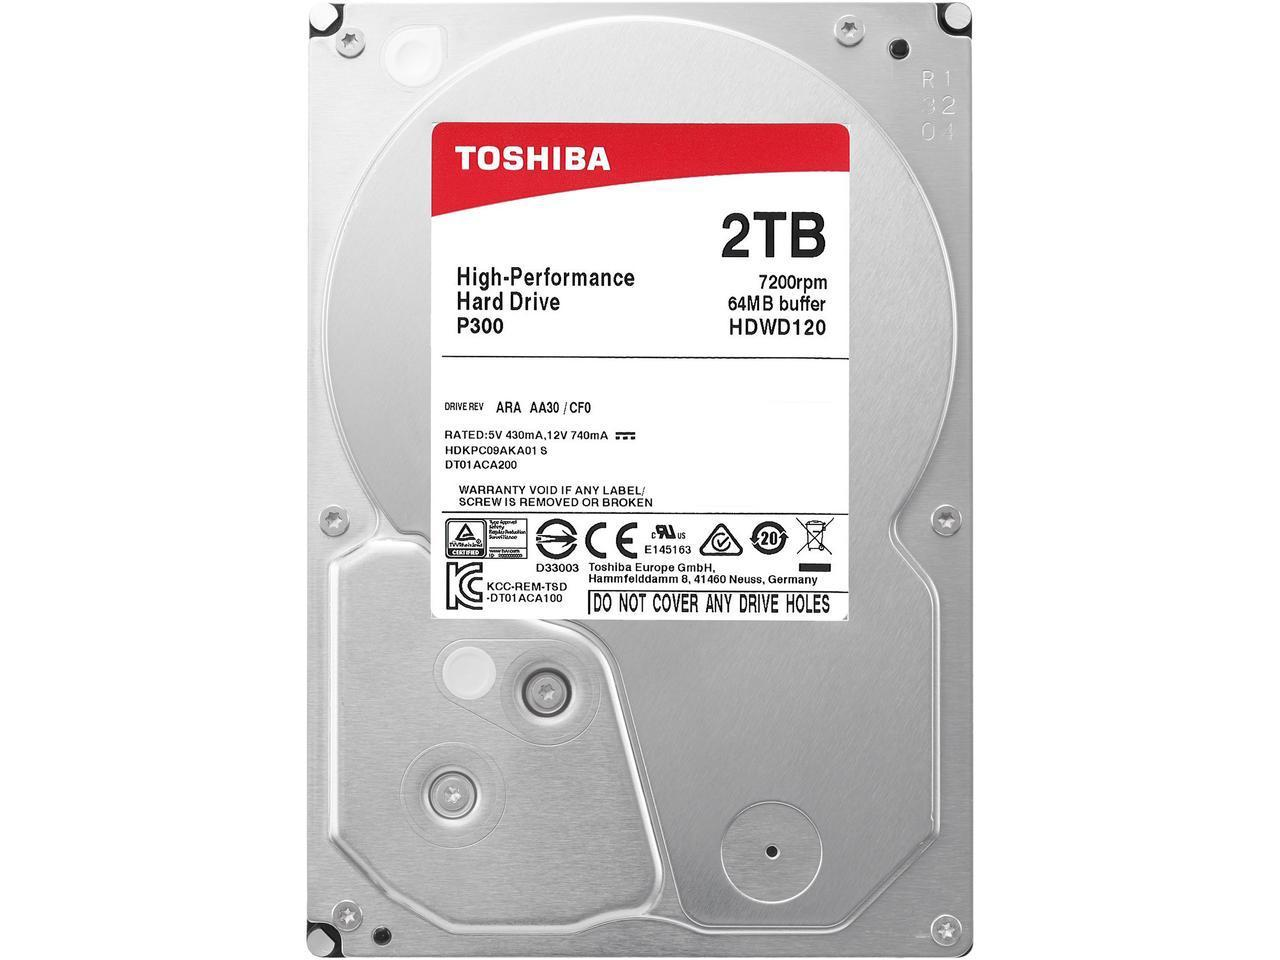 3TB New for Seagate ST3000VX000 Video 24//7 3TB 64MB 7200RPM SATA3 HDD Hard Drive